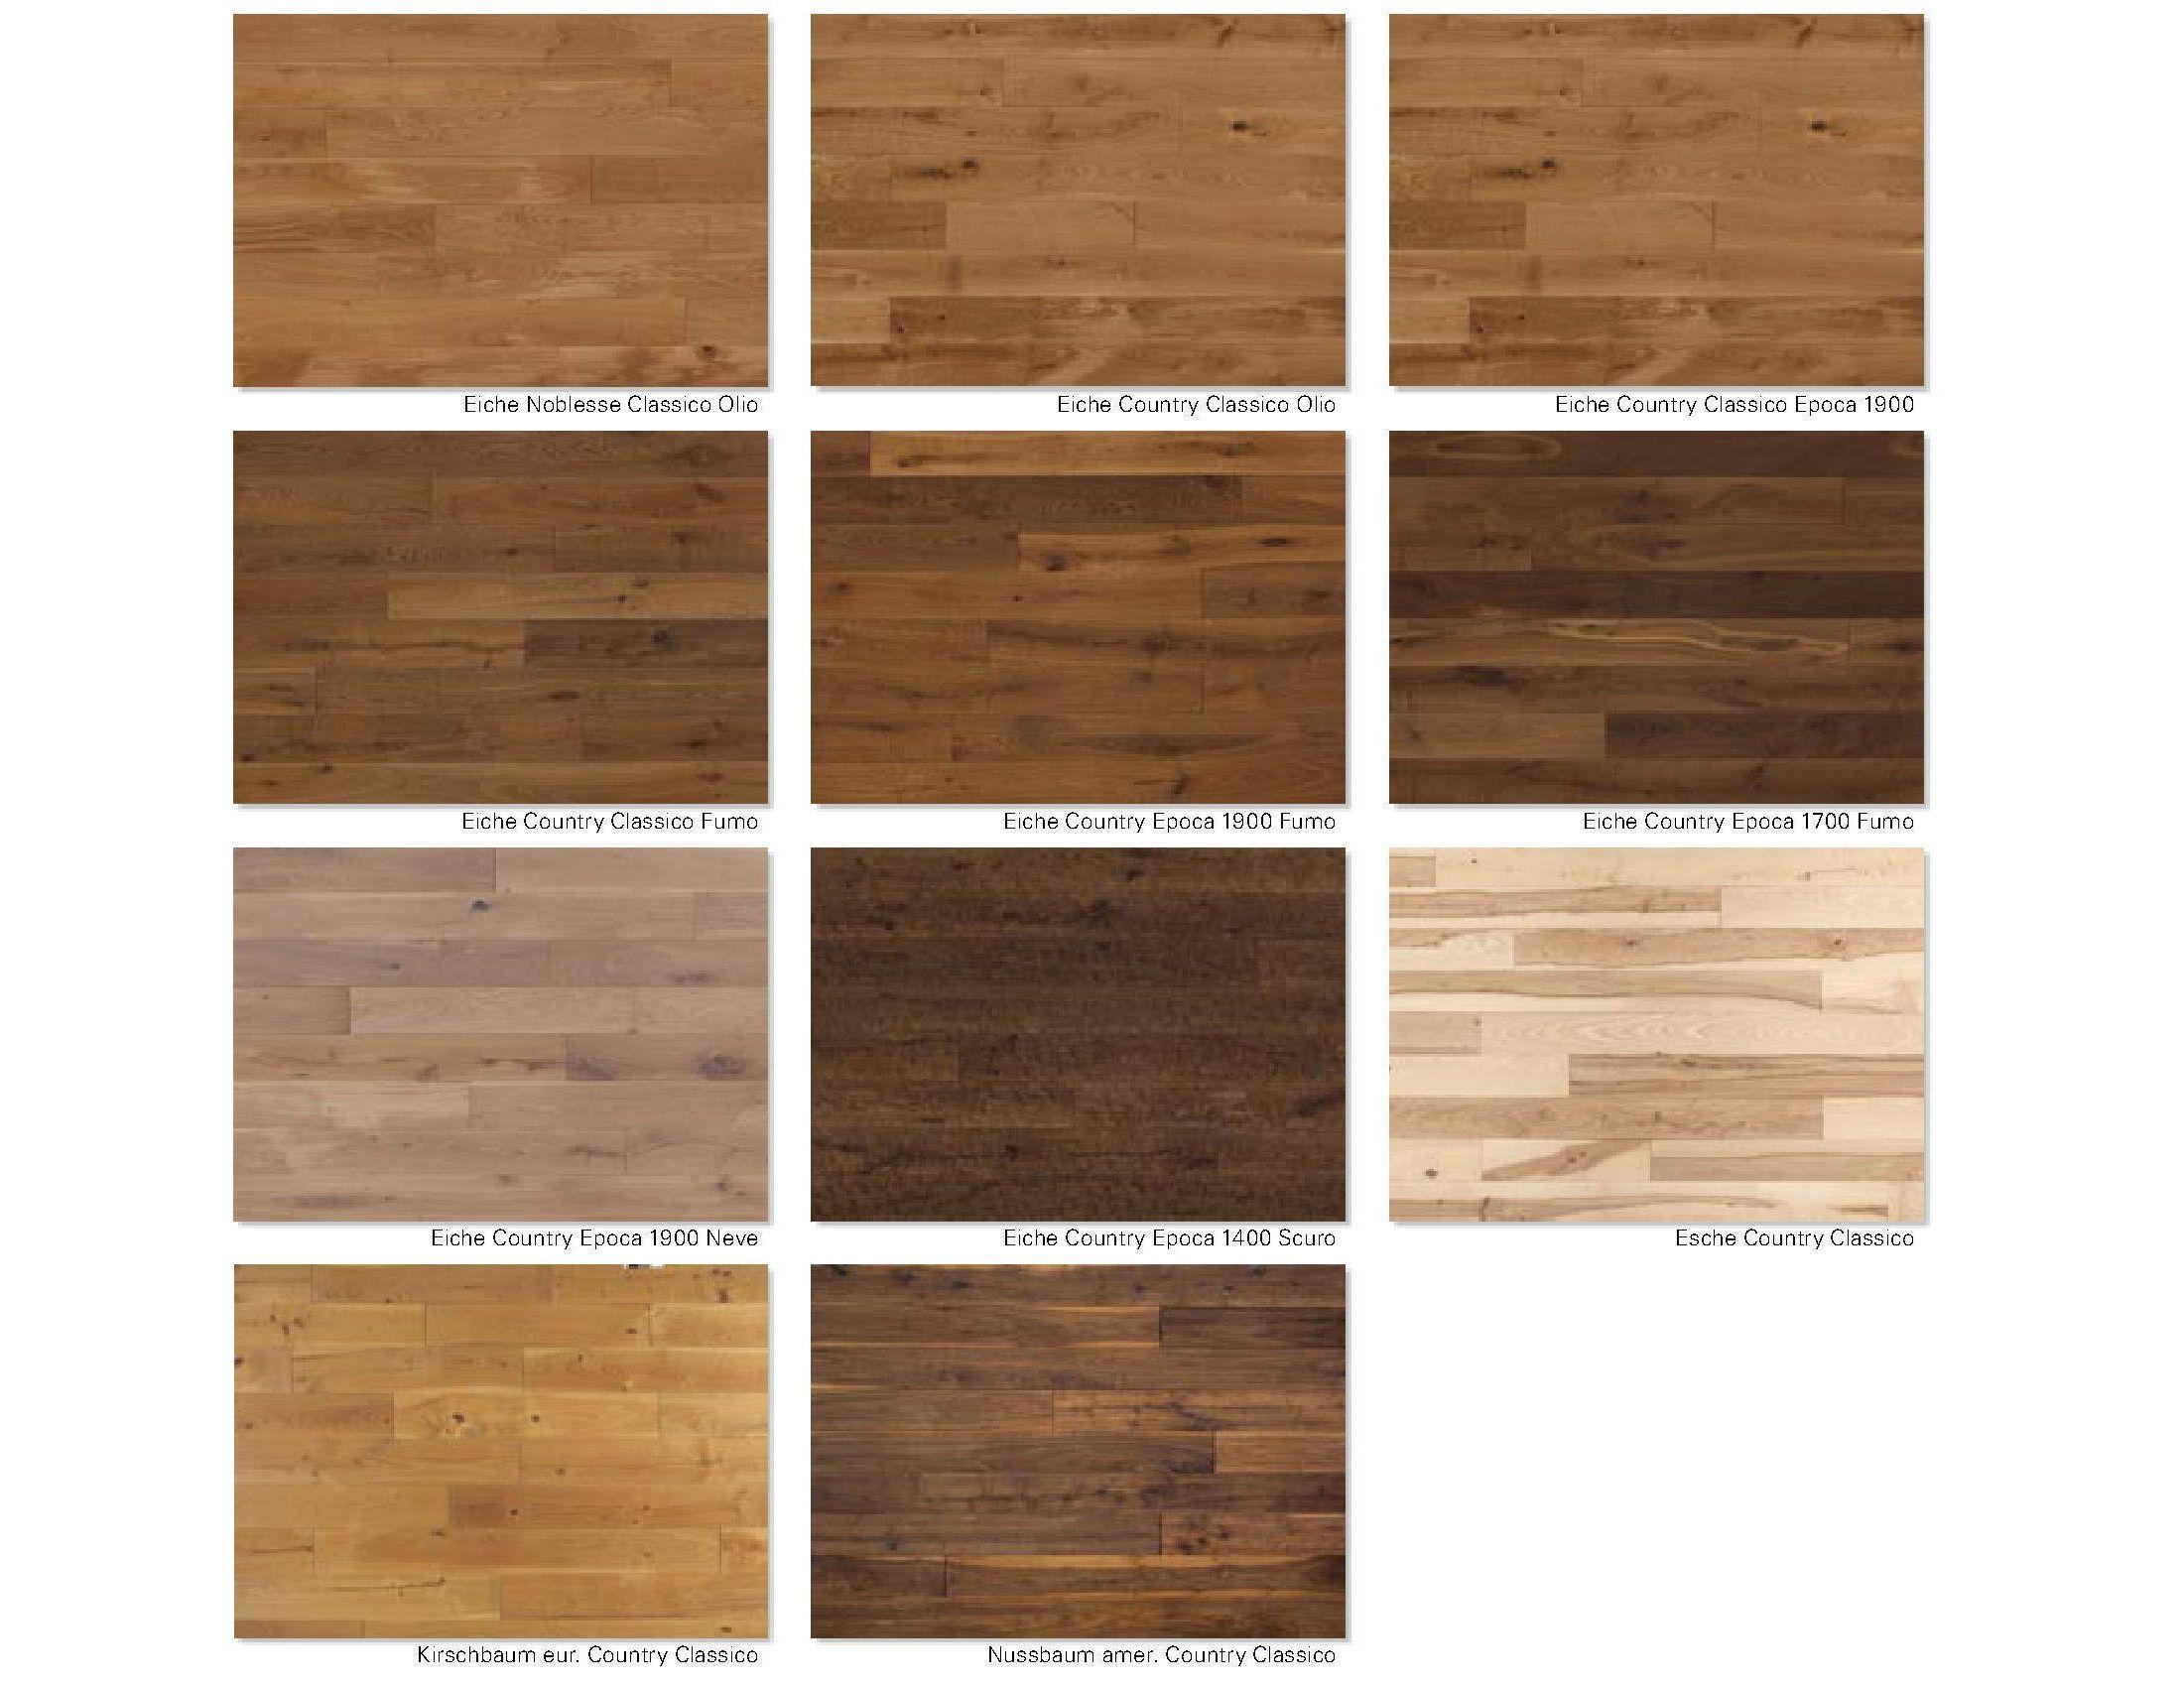 holz dunkel beizen file rio palisander dunkel holz jpg wikimedia commons beizen und f rben von. Black Bedroom Furniture Sets. Home Design Ideas